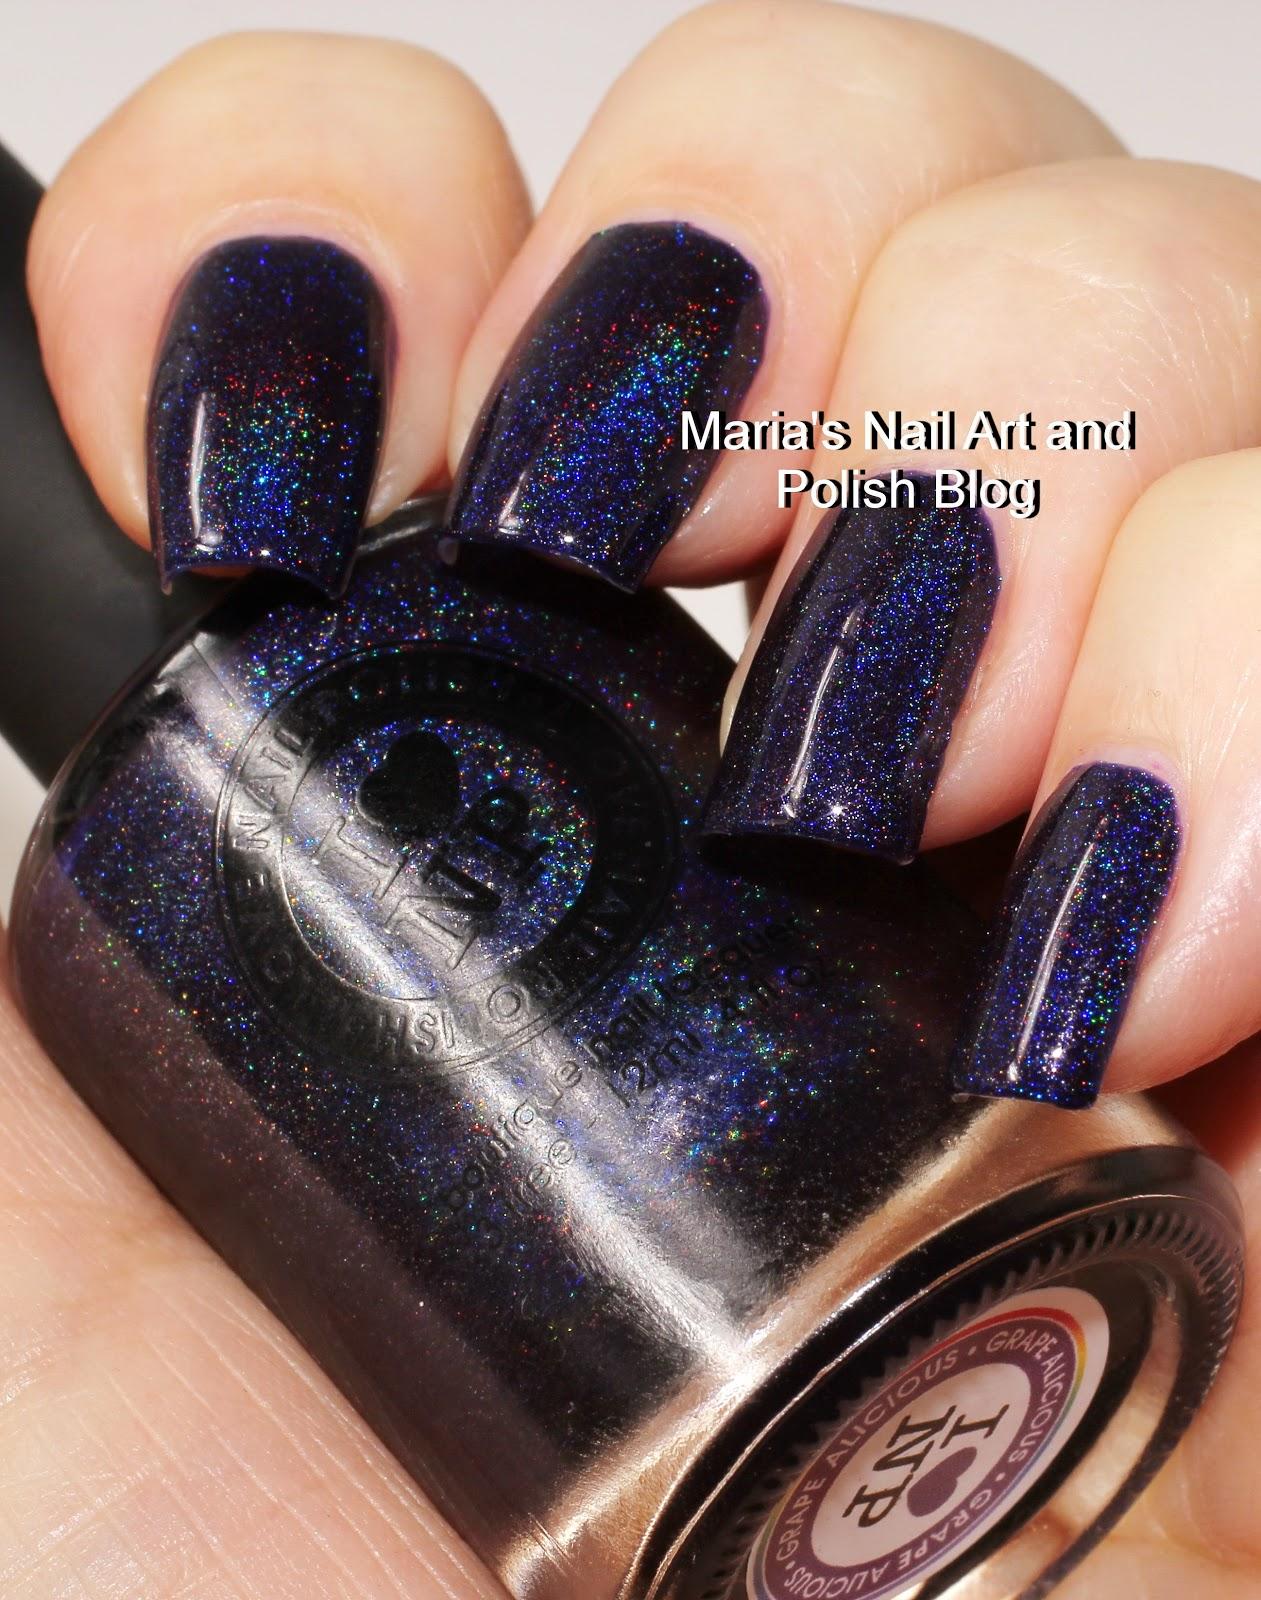 Marias Nail Art and Polish Blog: ILNP (I Love Nail Polish) Grape ...